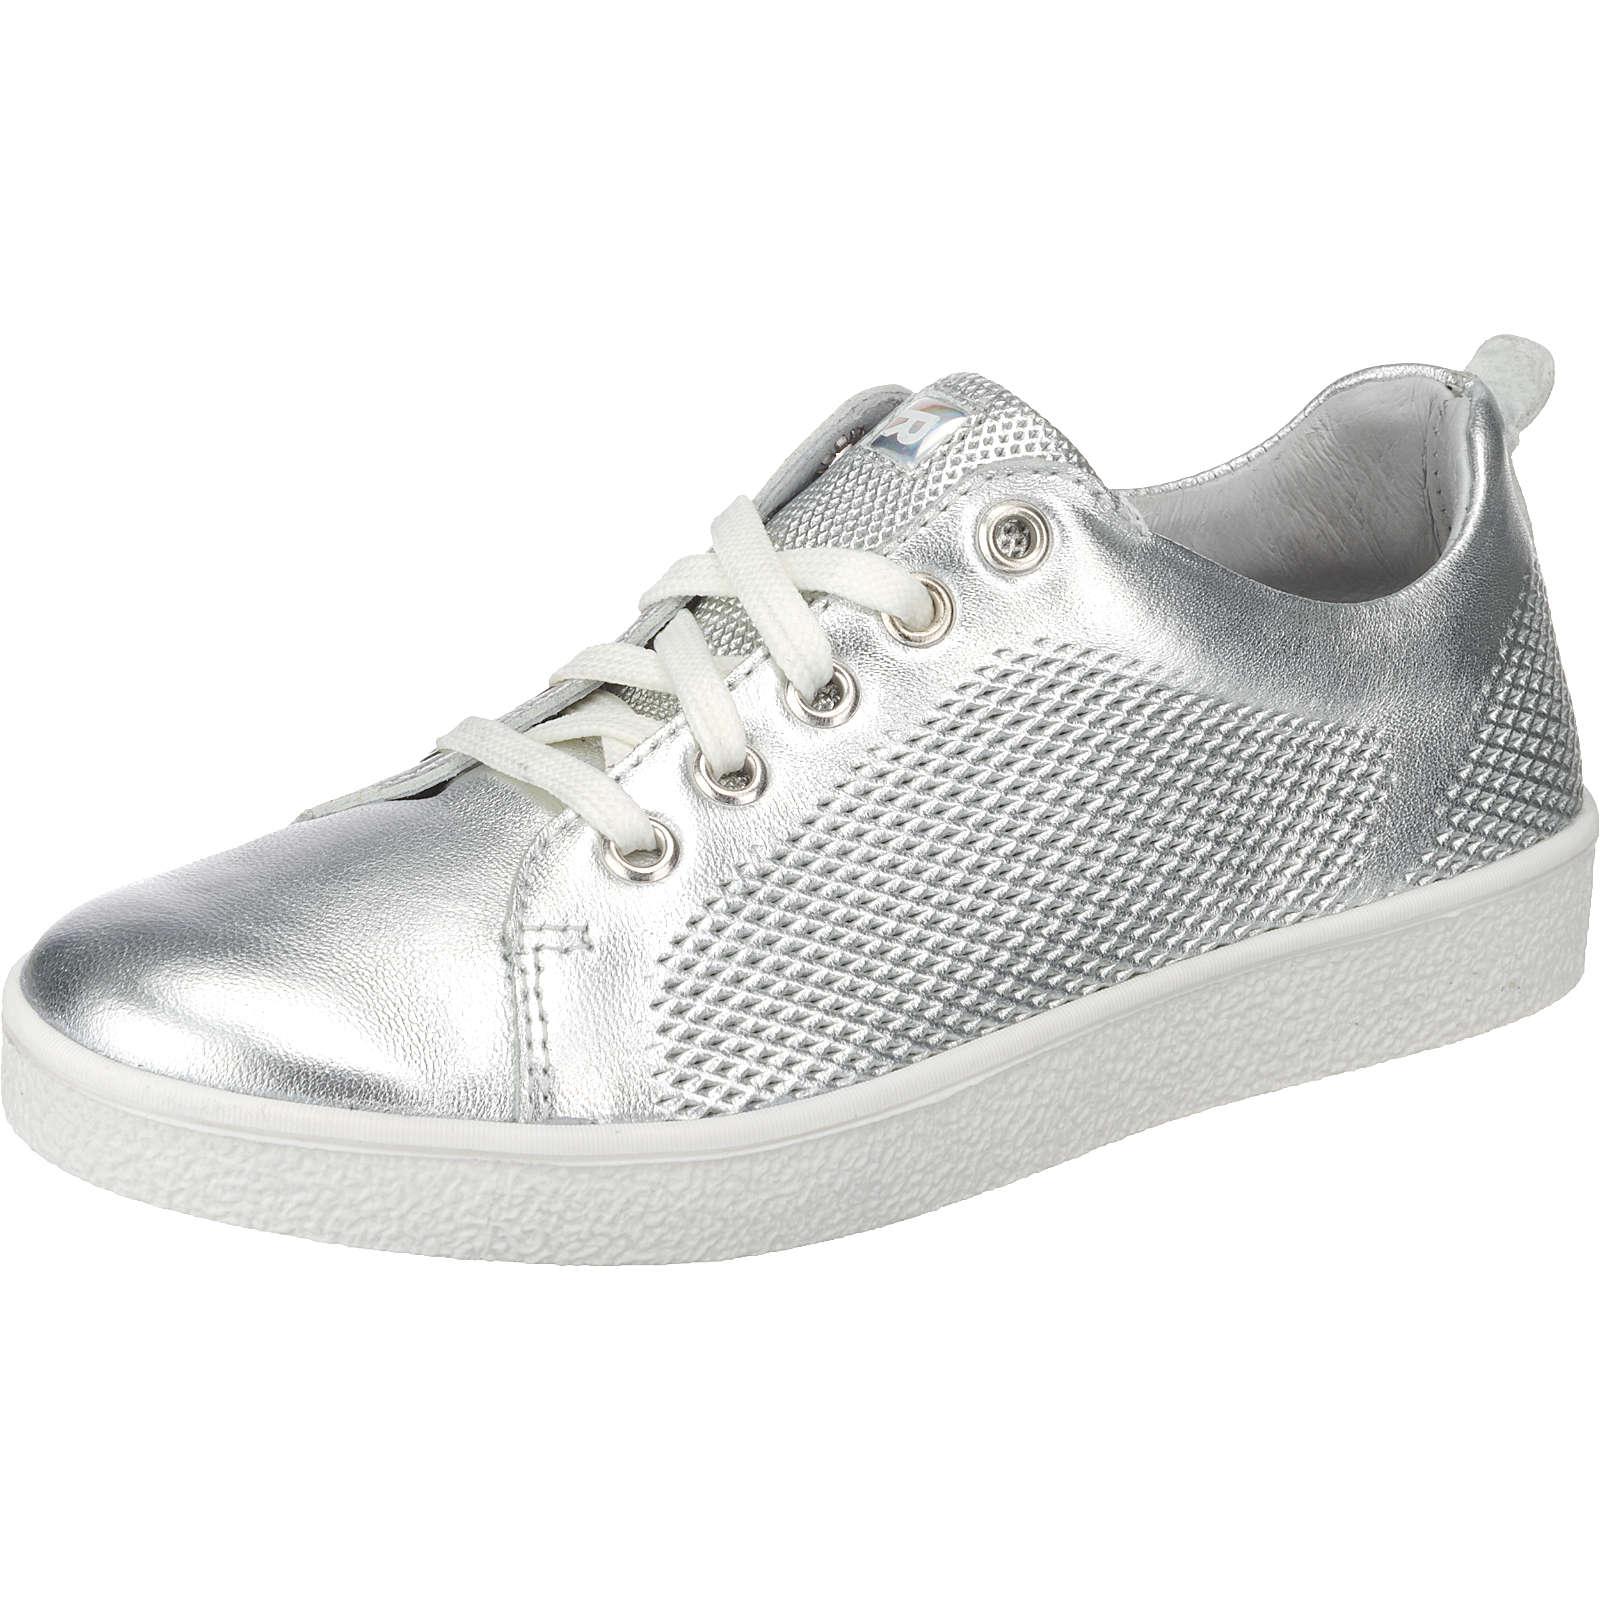 RICHTER Sneakers Low für Mädchen silber Mädchen Gr. 39